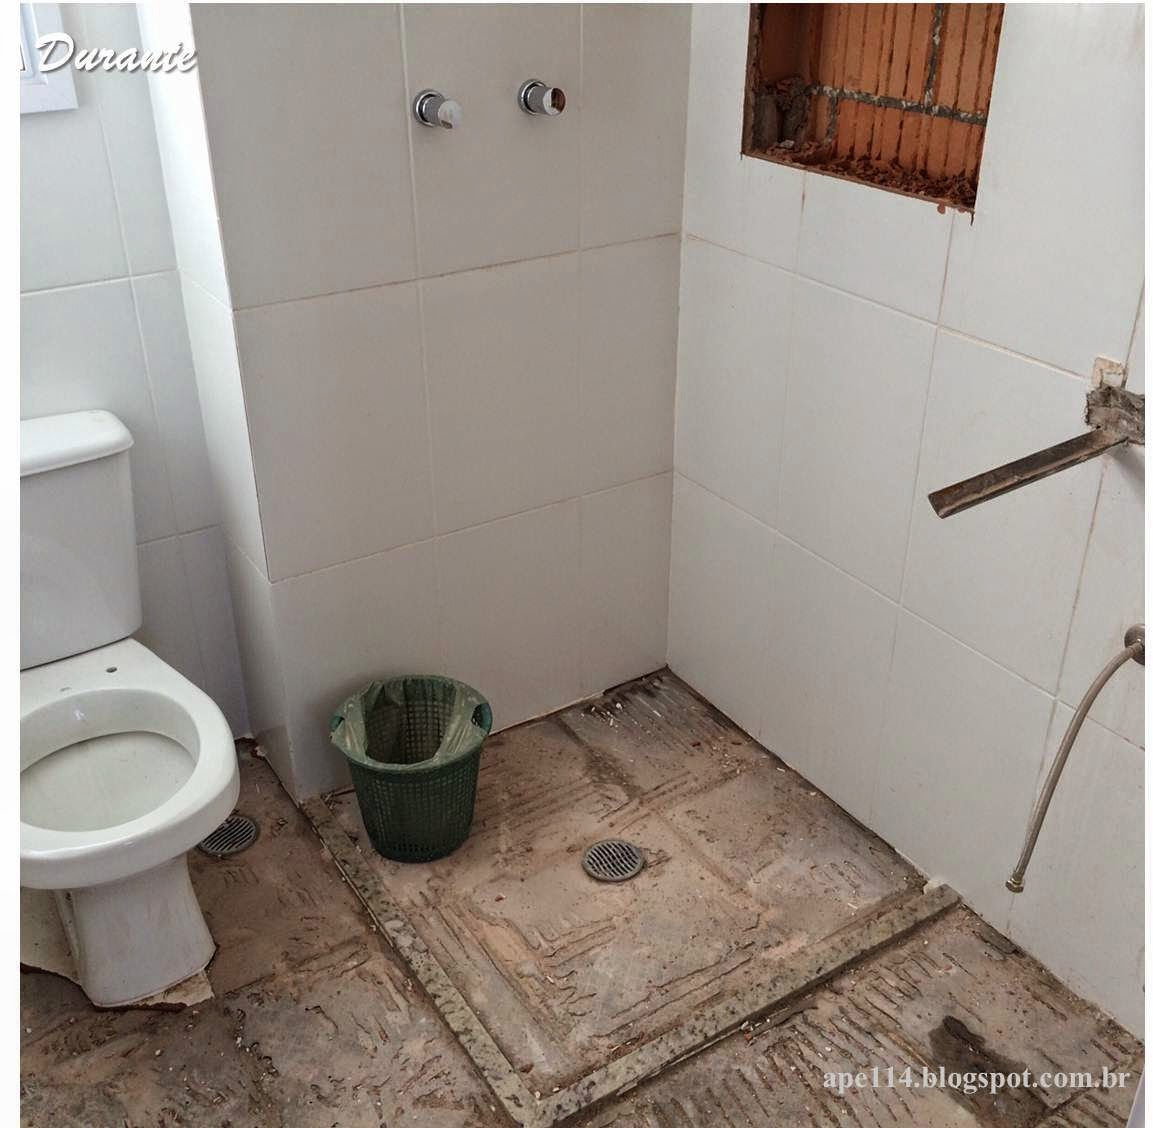 Apê 114: Novembro 2014 #654A3A 1153x1128 Banheiro Com Porcelanato Escorrega